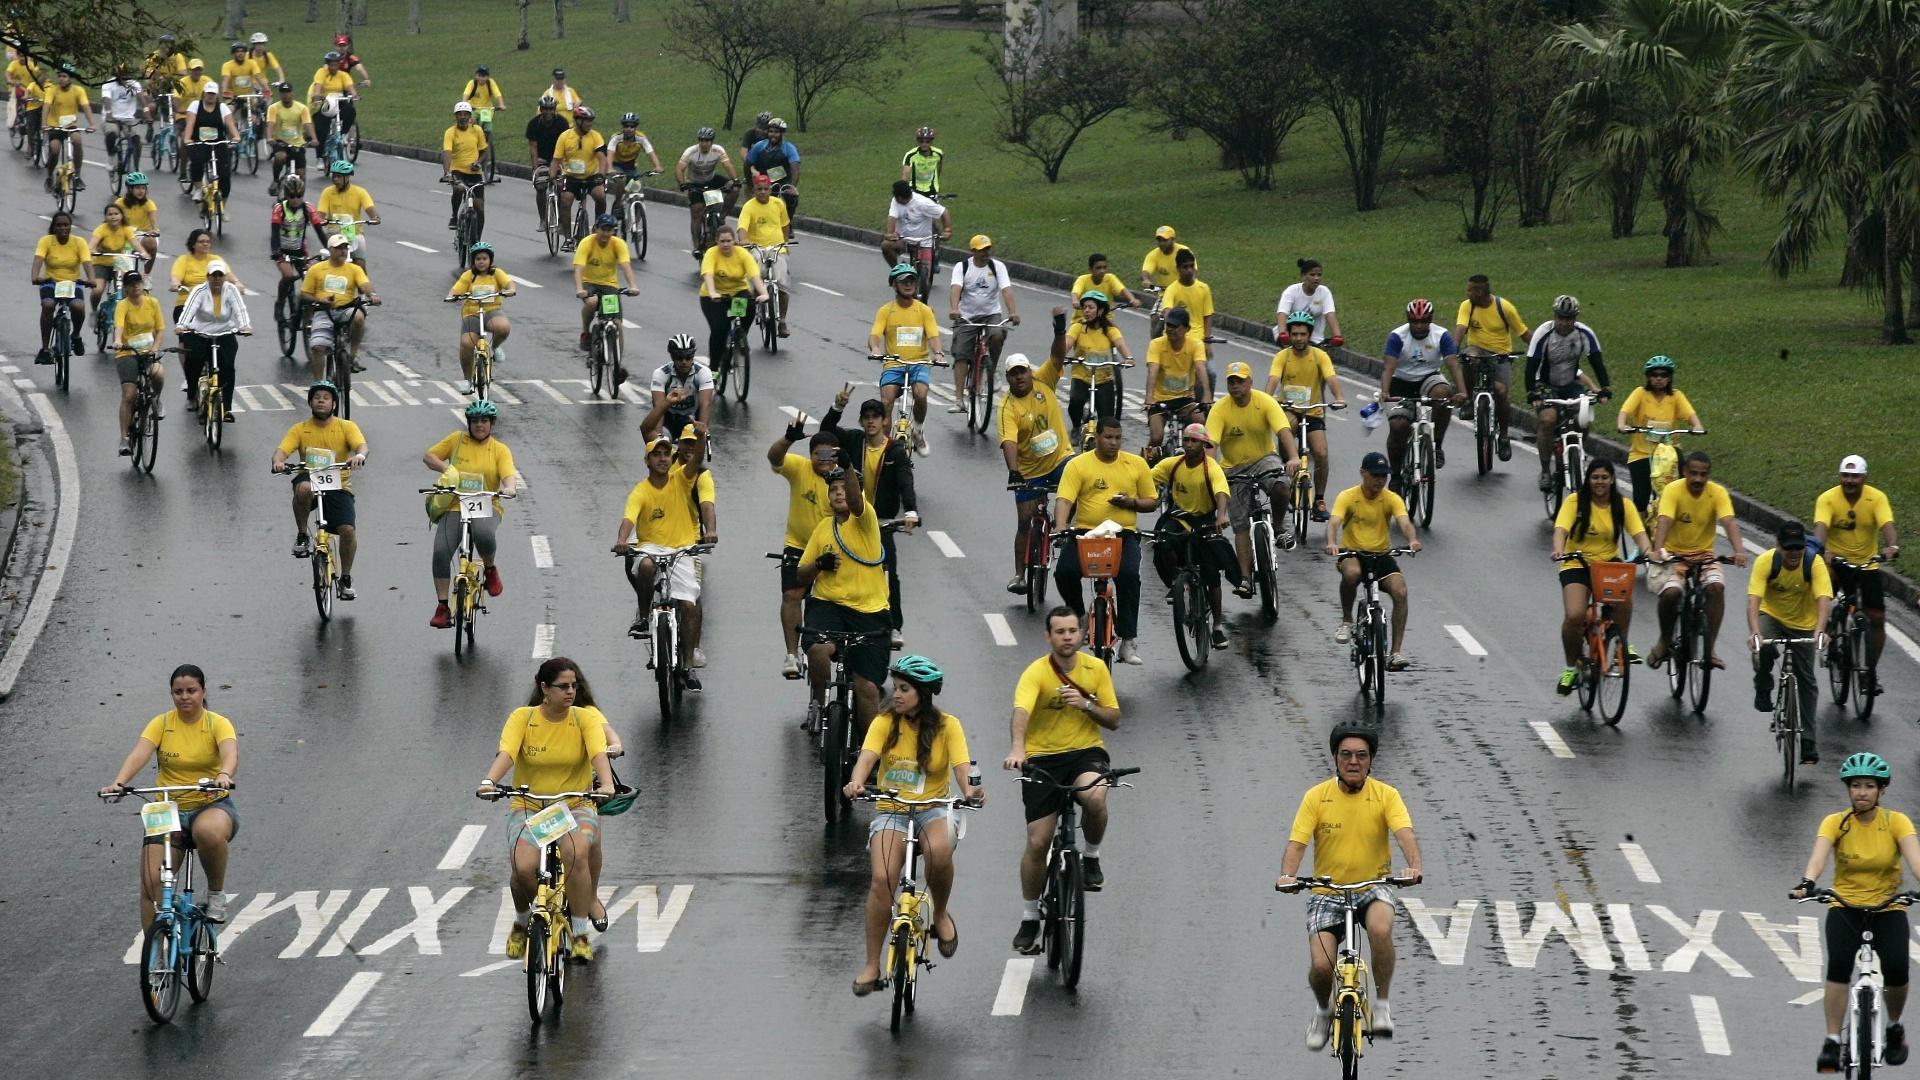 21.set.2014 - A chuva e a baixa temperatura não desanimaram os cariocas que participaram da 27ª edição do passeio ciclístico